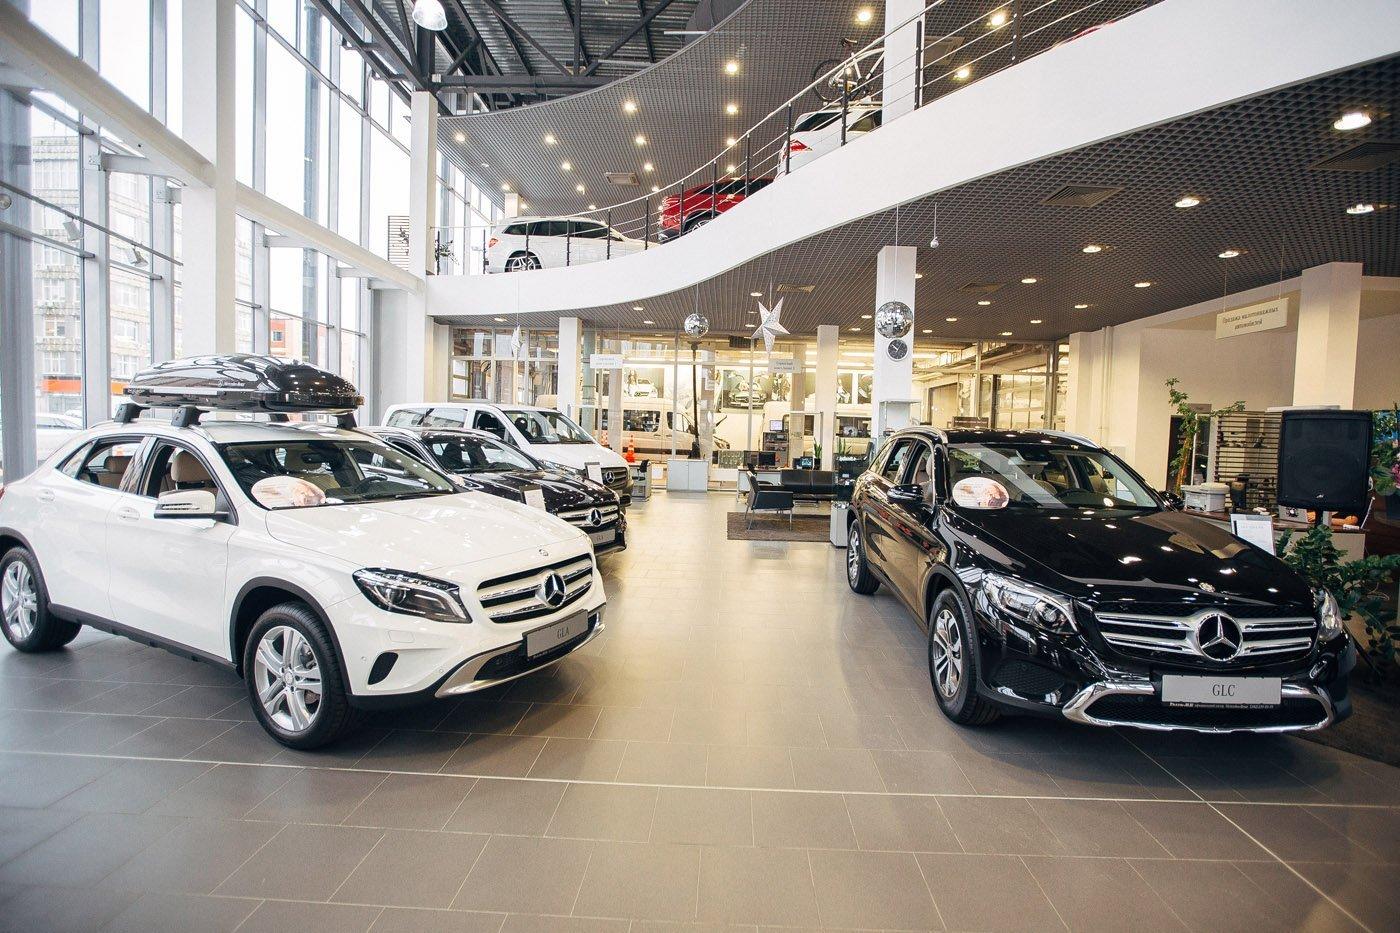 Россияне потратили на приобретение люксовых авто примерно 500 млрд рублей